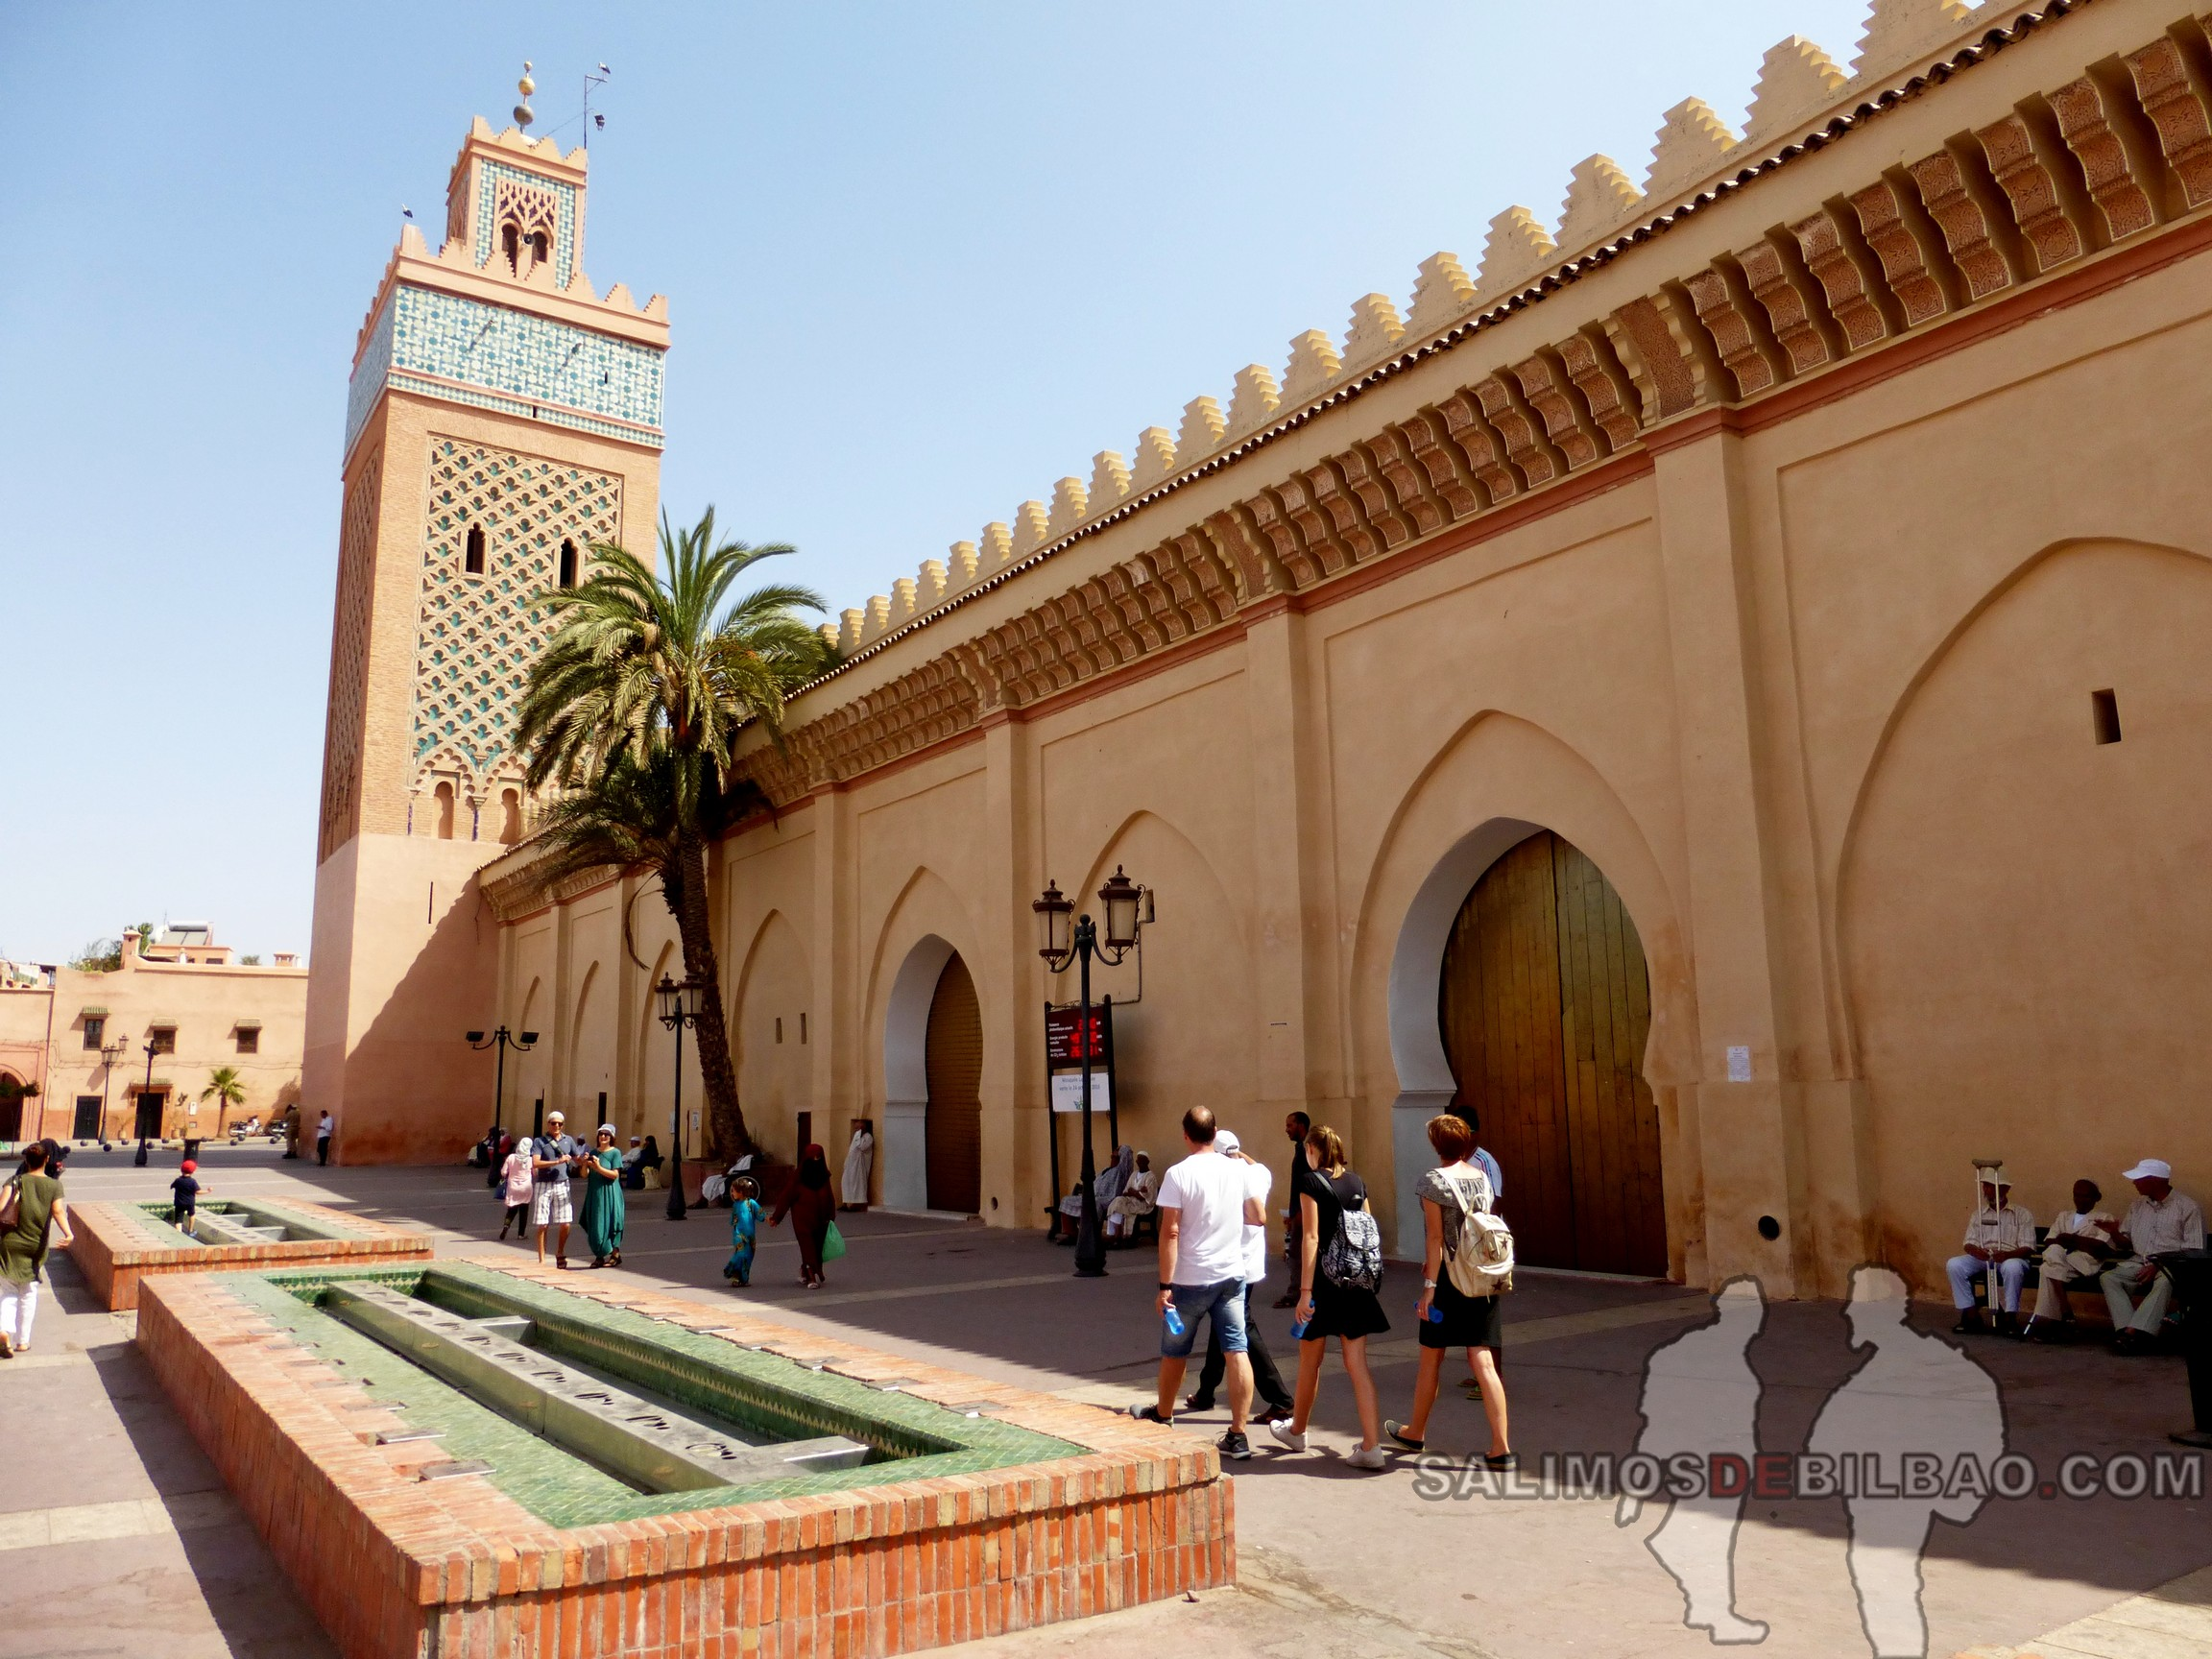 728. Tumbas saadíes, Marrakech